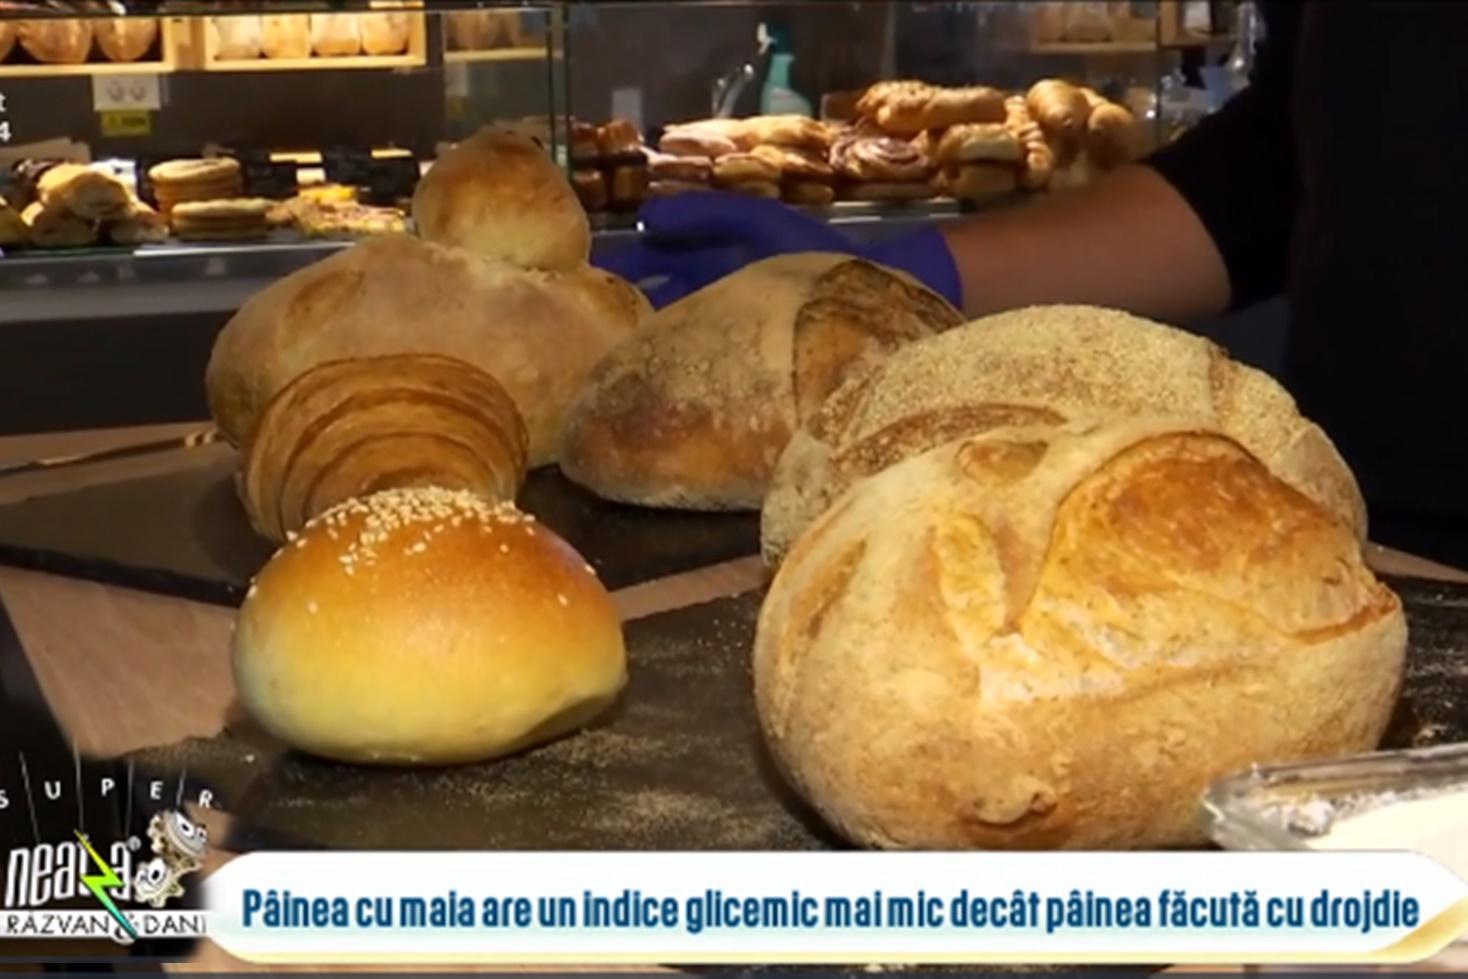 Pâinea cu maia este considerată cea mai sănătoasă și hrănitoare